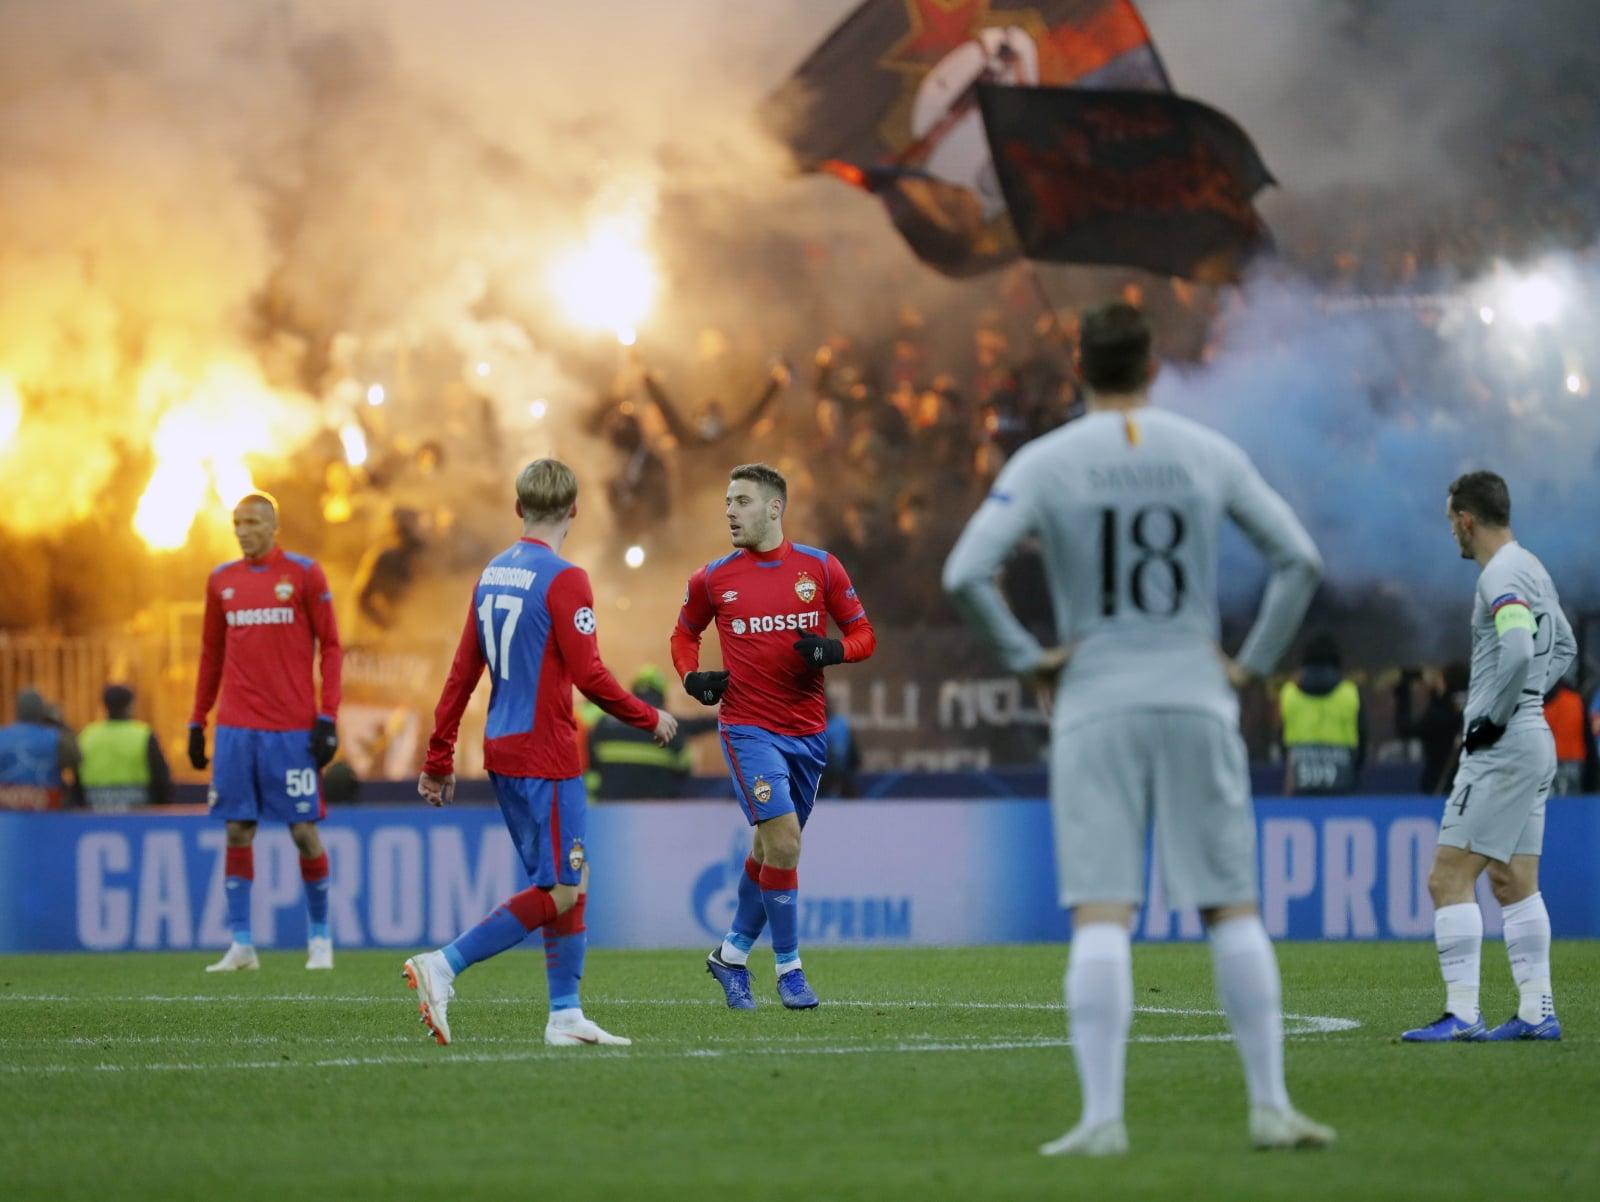 Oprawa fanów CSKA Moskwa na meczu UEFA Champions League w Moskwie. Fot. PAP/EPA/YURI KOCHETKOV